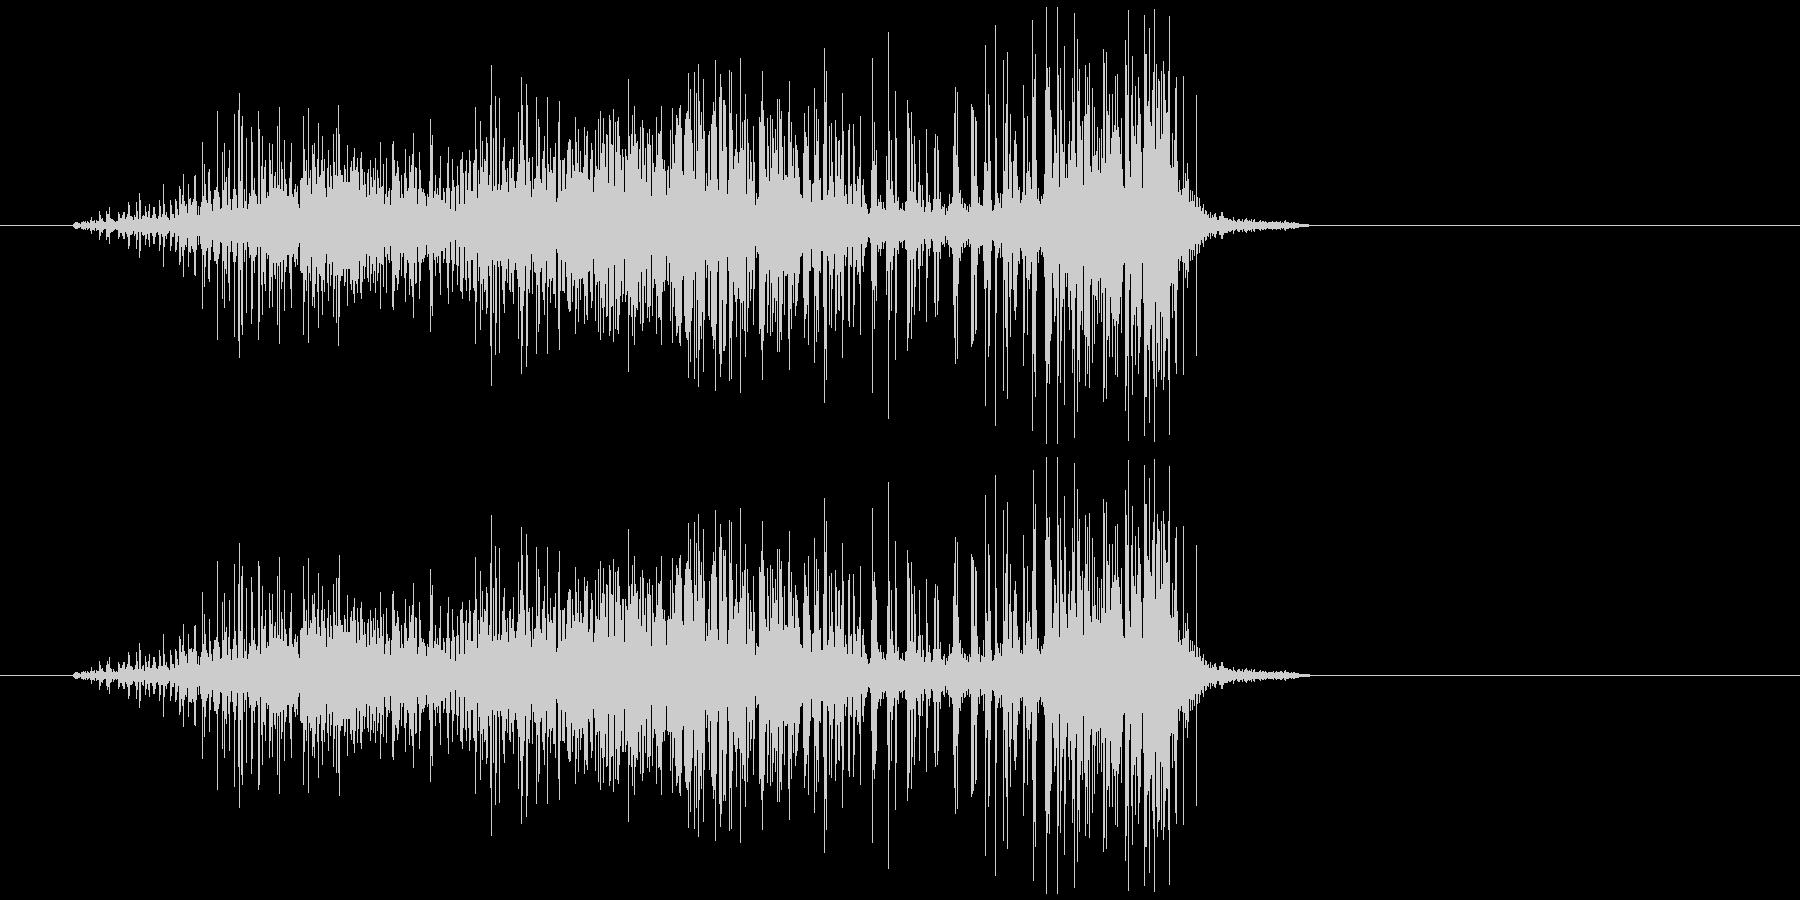 ビリビリ(布が破れる音)の未再生の波形